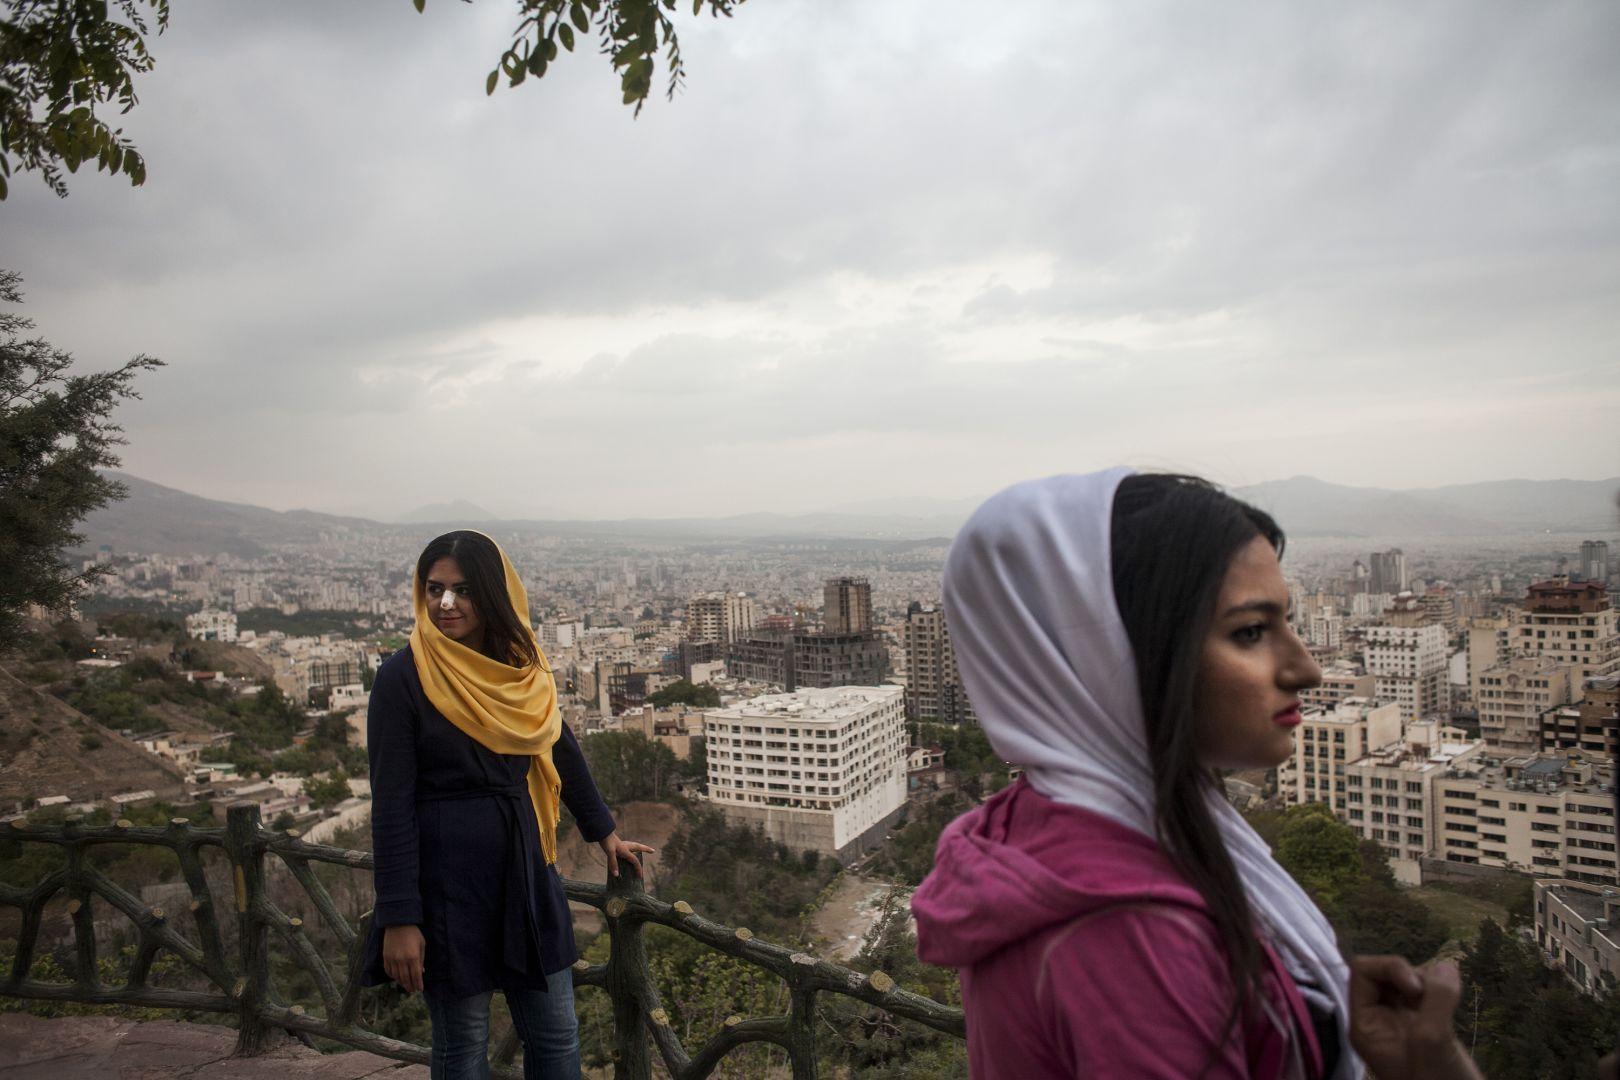 Иранское путешествие, © Хоссейн Фатеми, Иран, Фотоконкурс World Press Photo